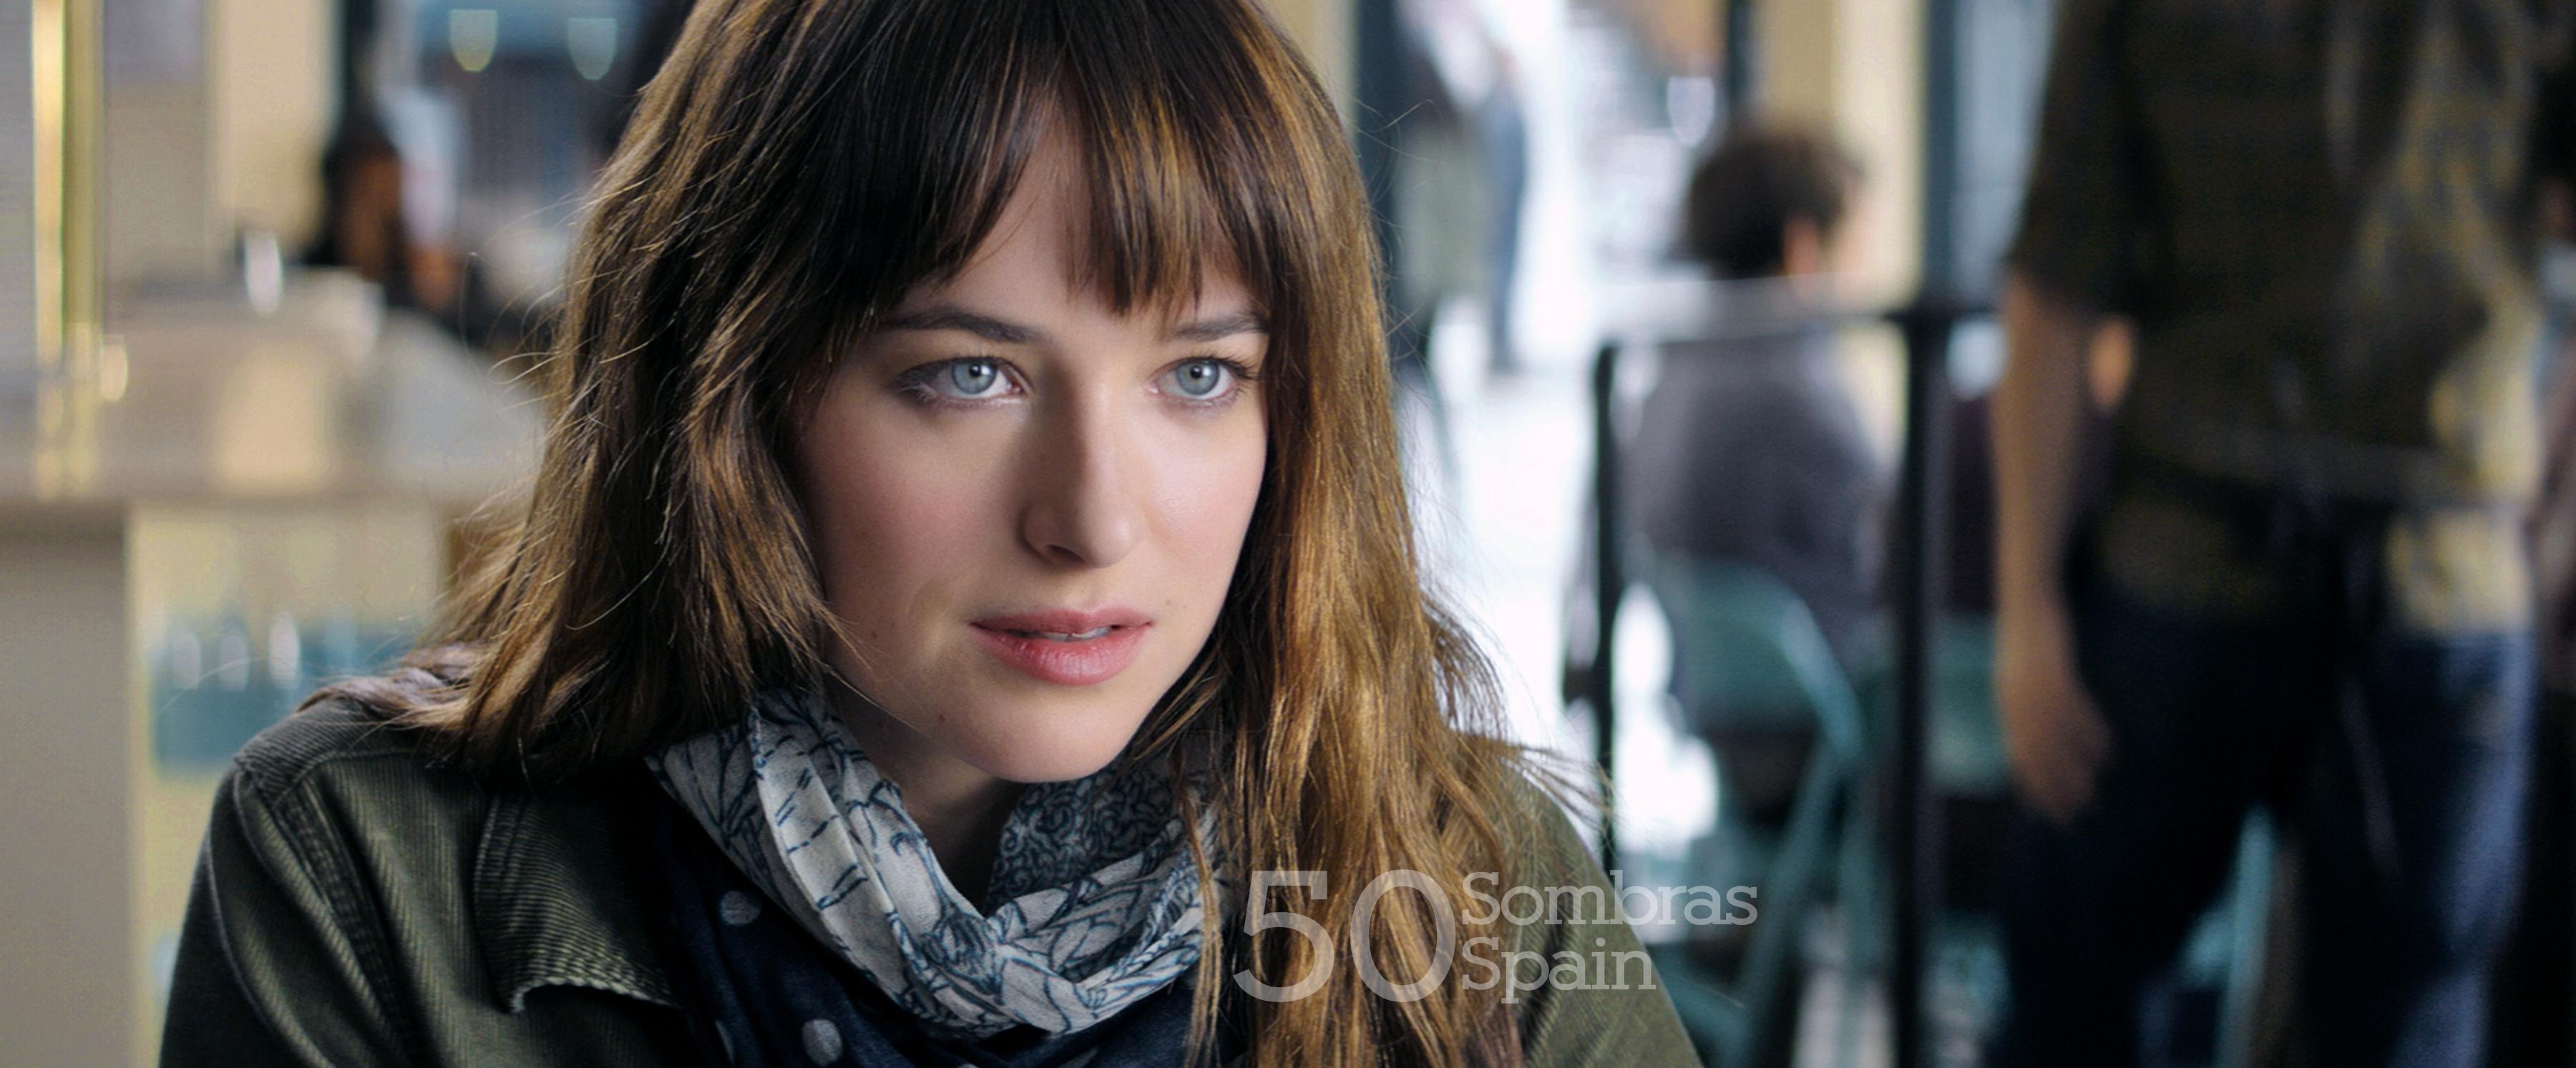 Trailer 50 Sombras oficial 5 MA